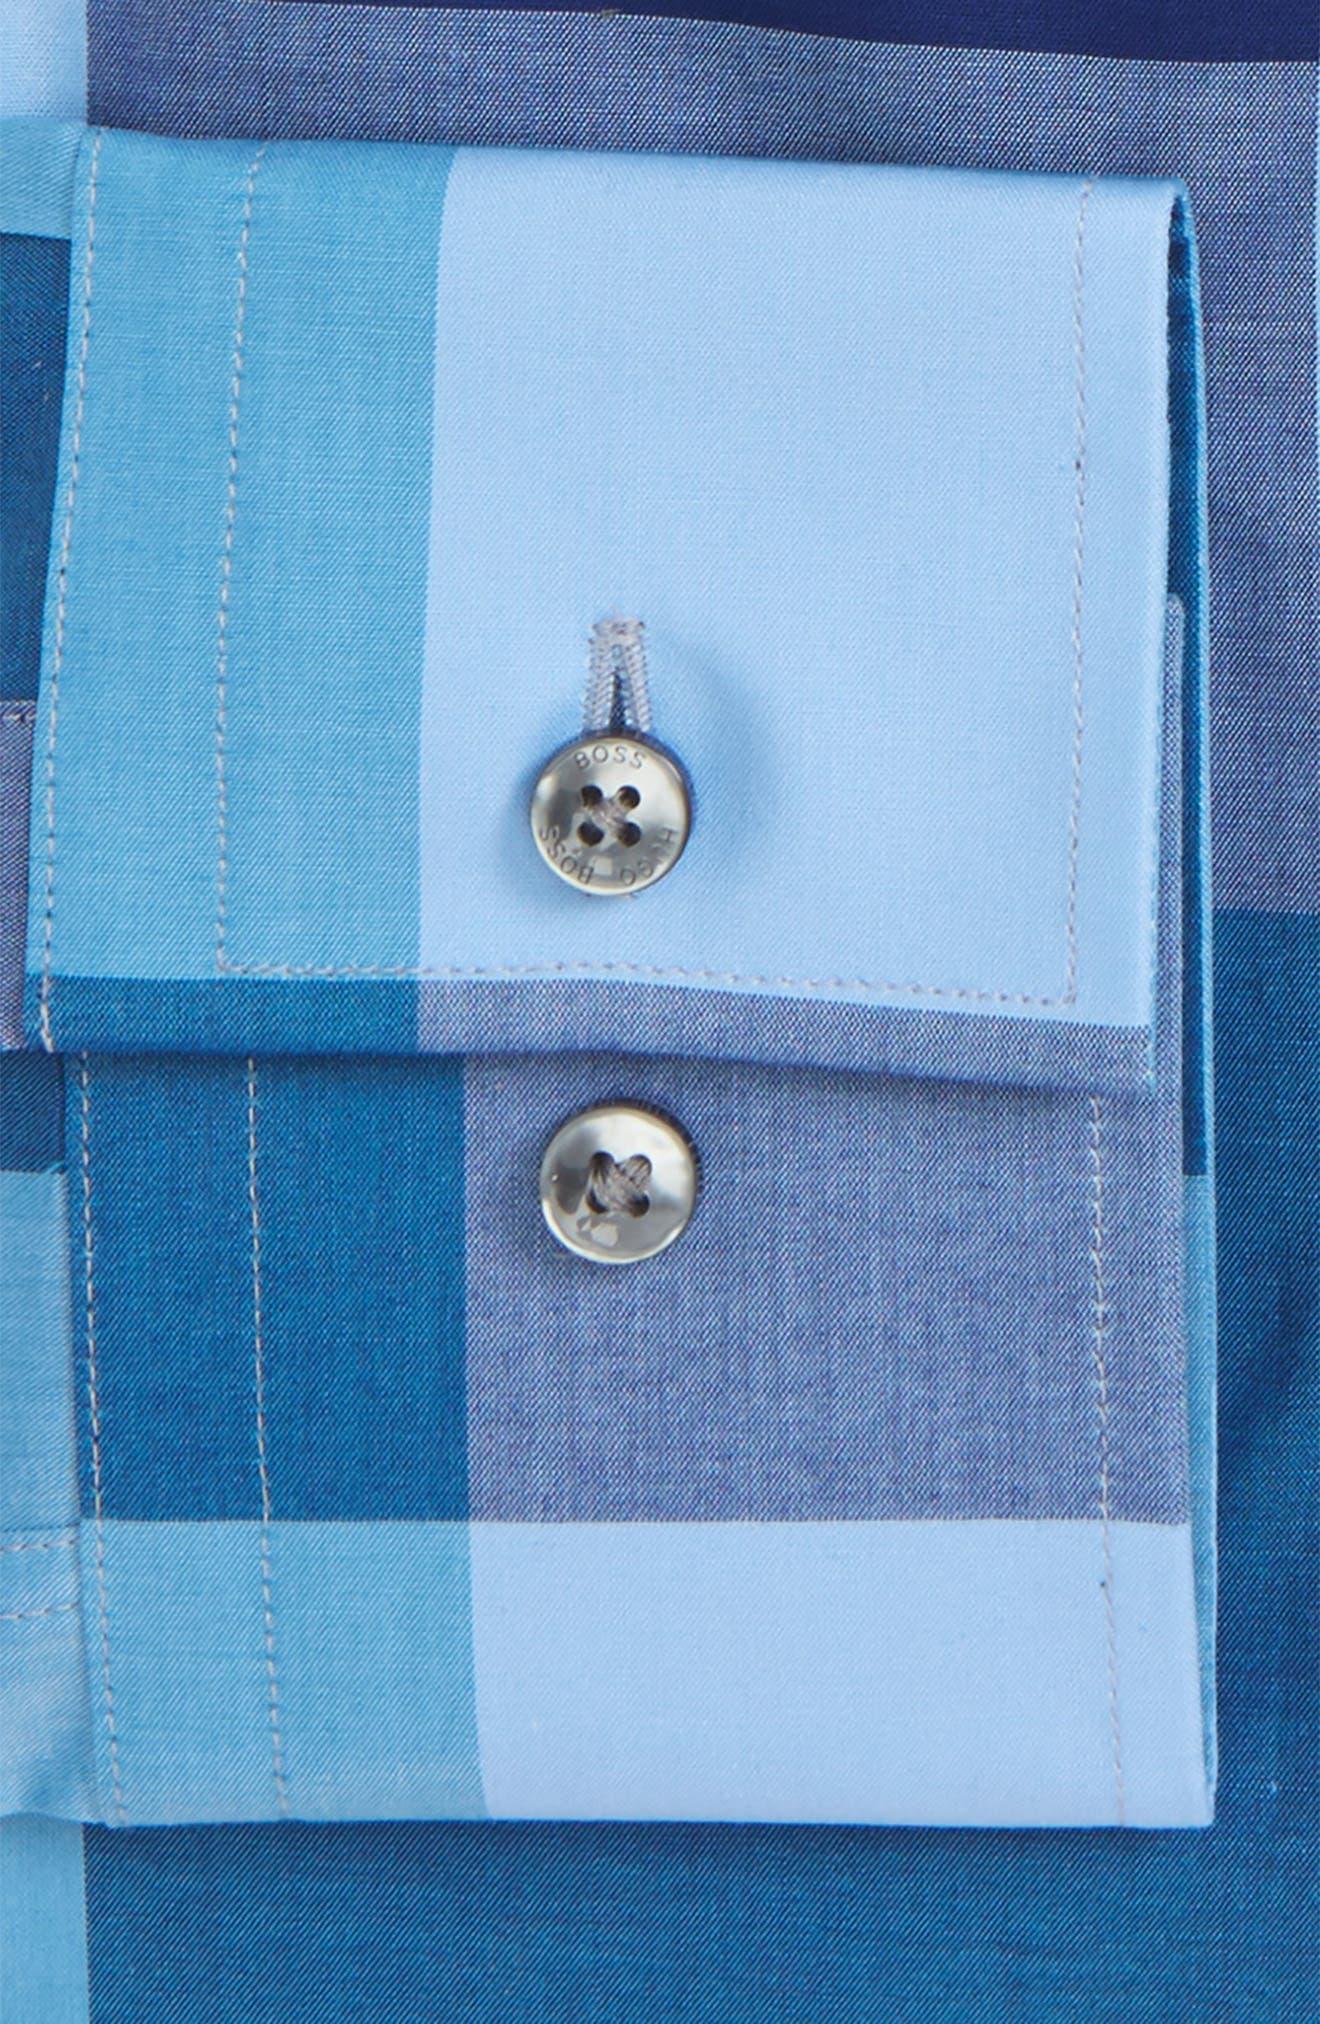 Jenno Slim Fit Check Dress Shirt,                             Alternate thumbnail 6, color,                             473